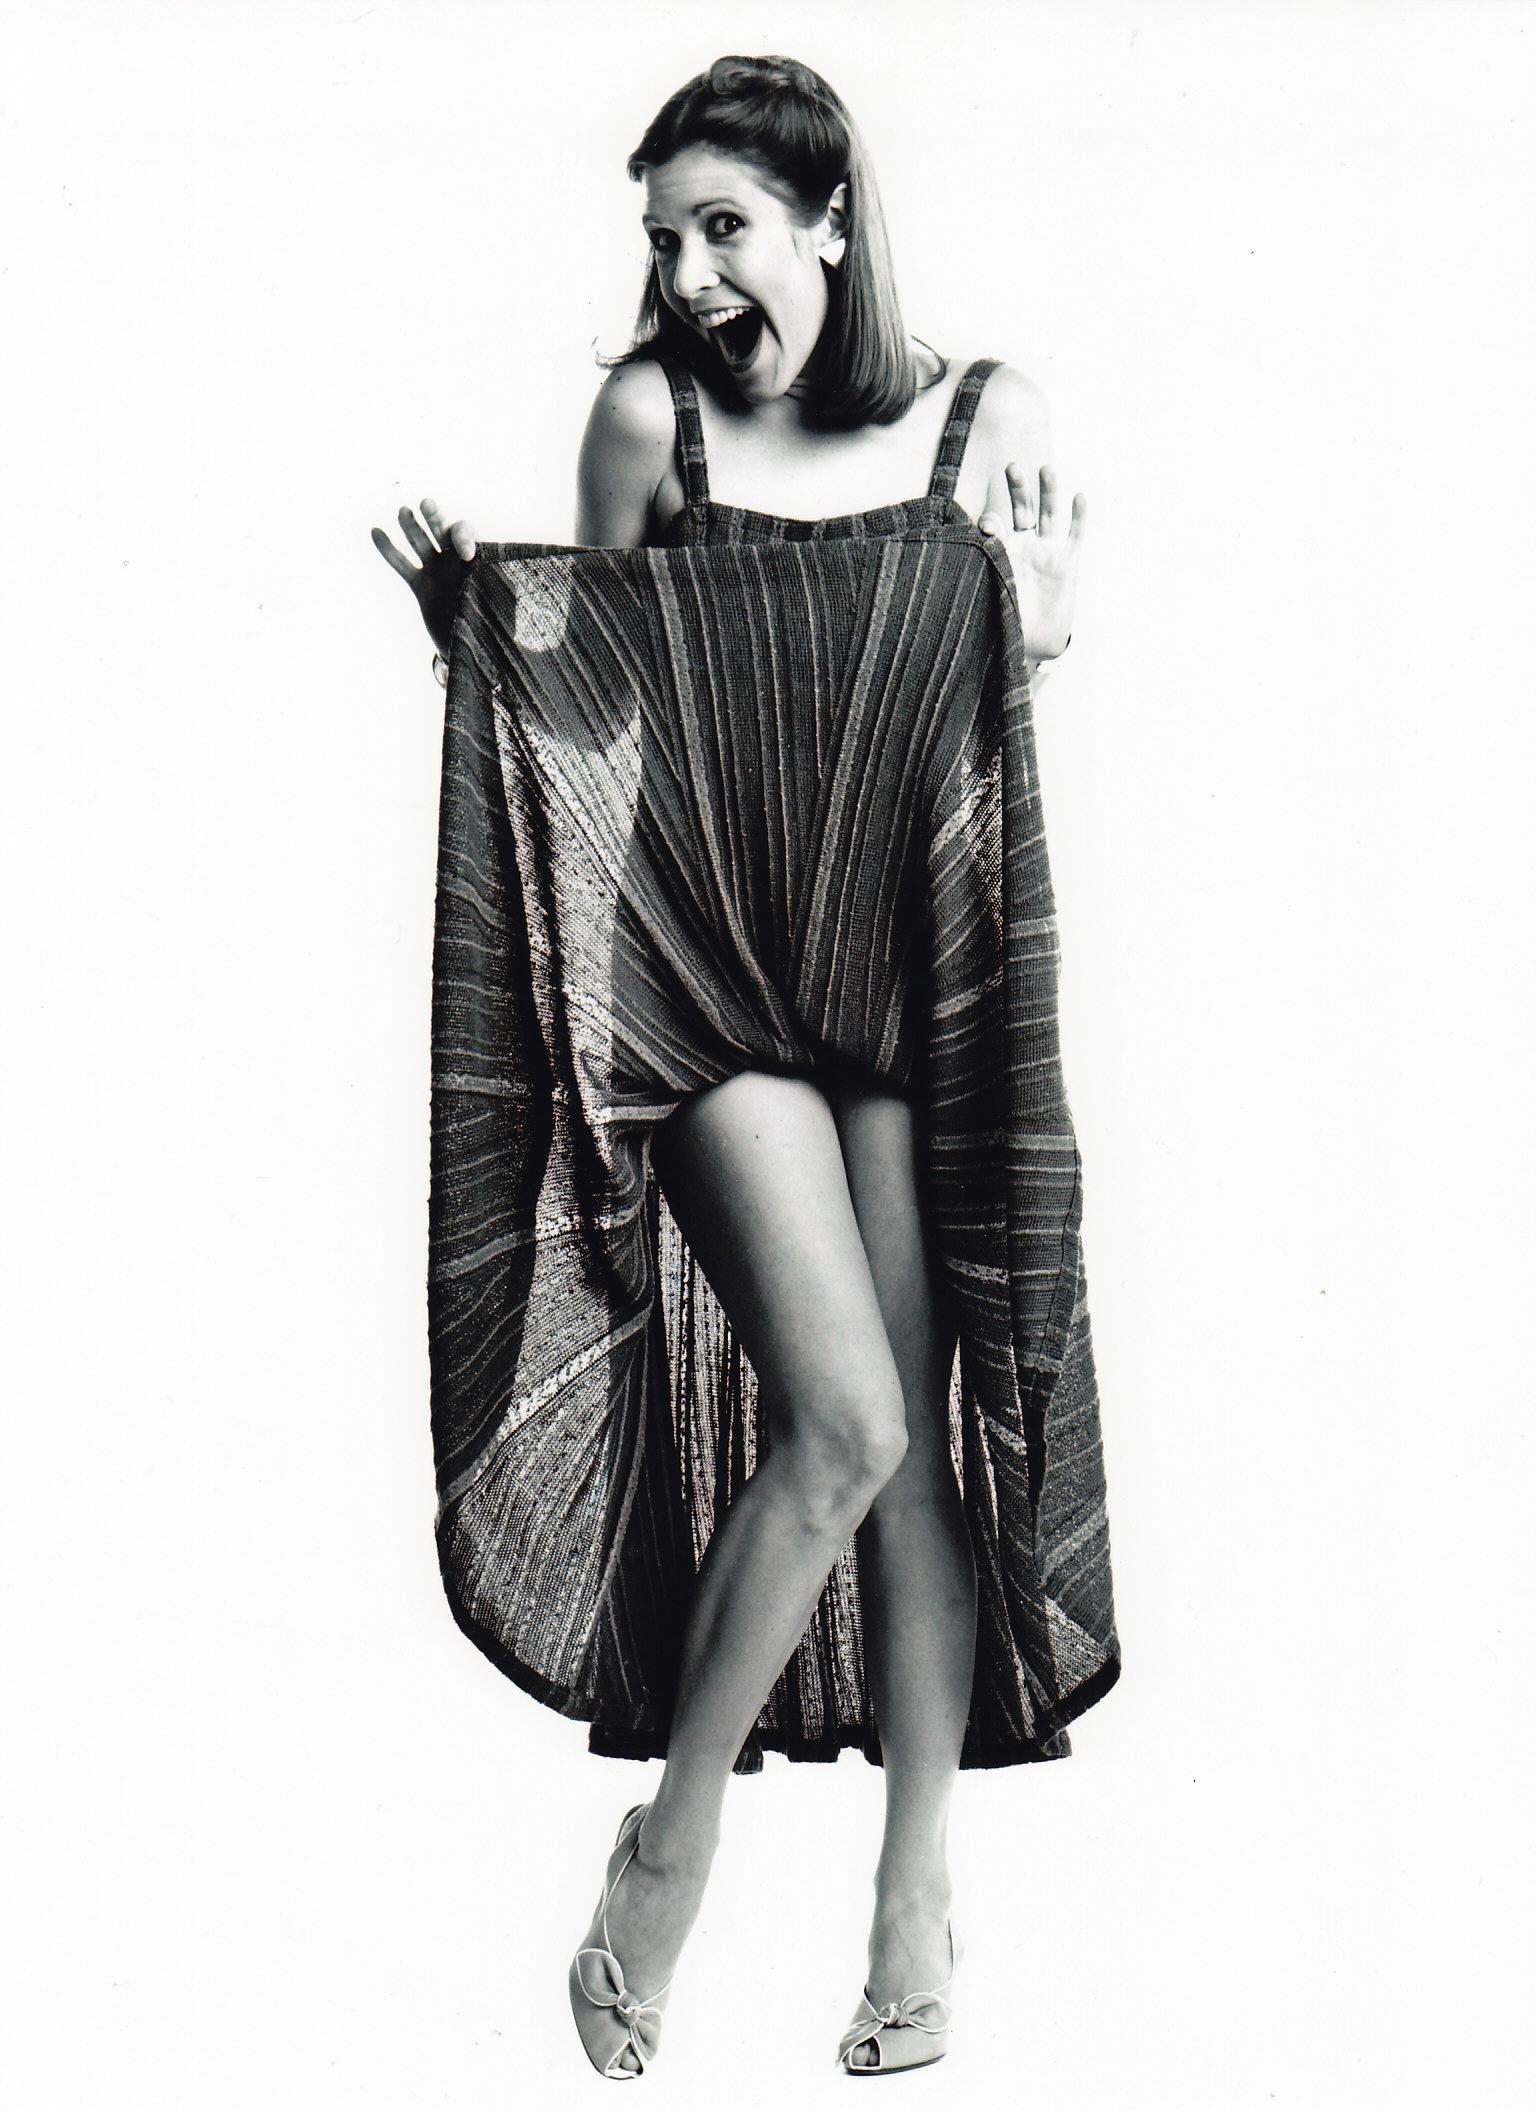 Carrie-Fisher-Feet-2739462.jpg